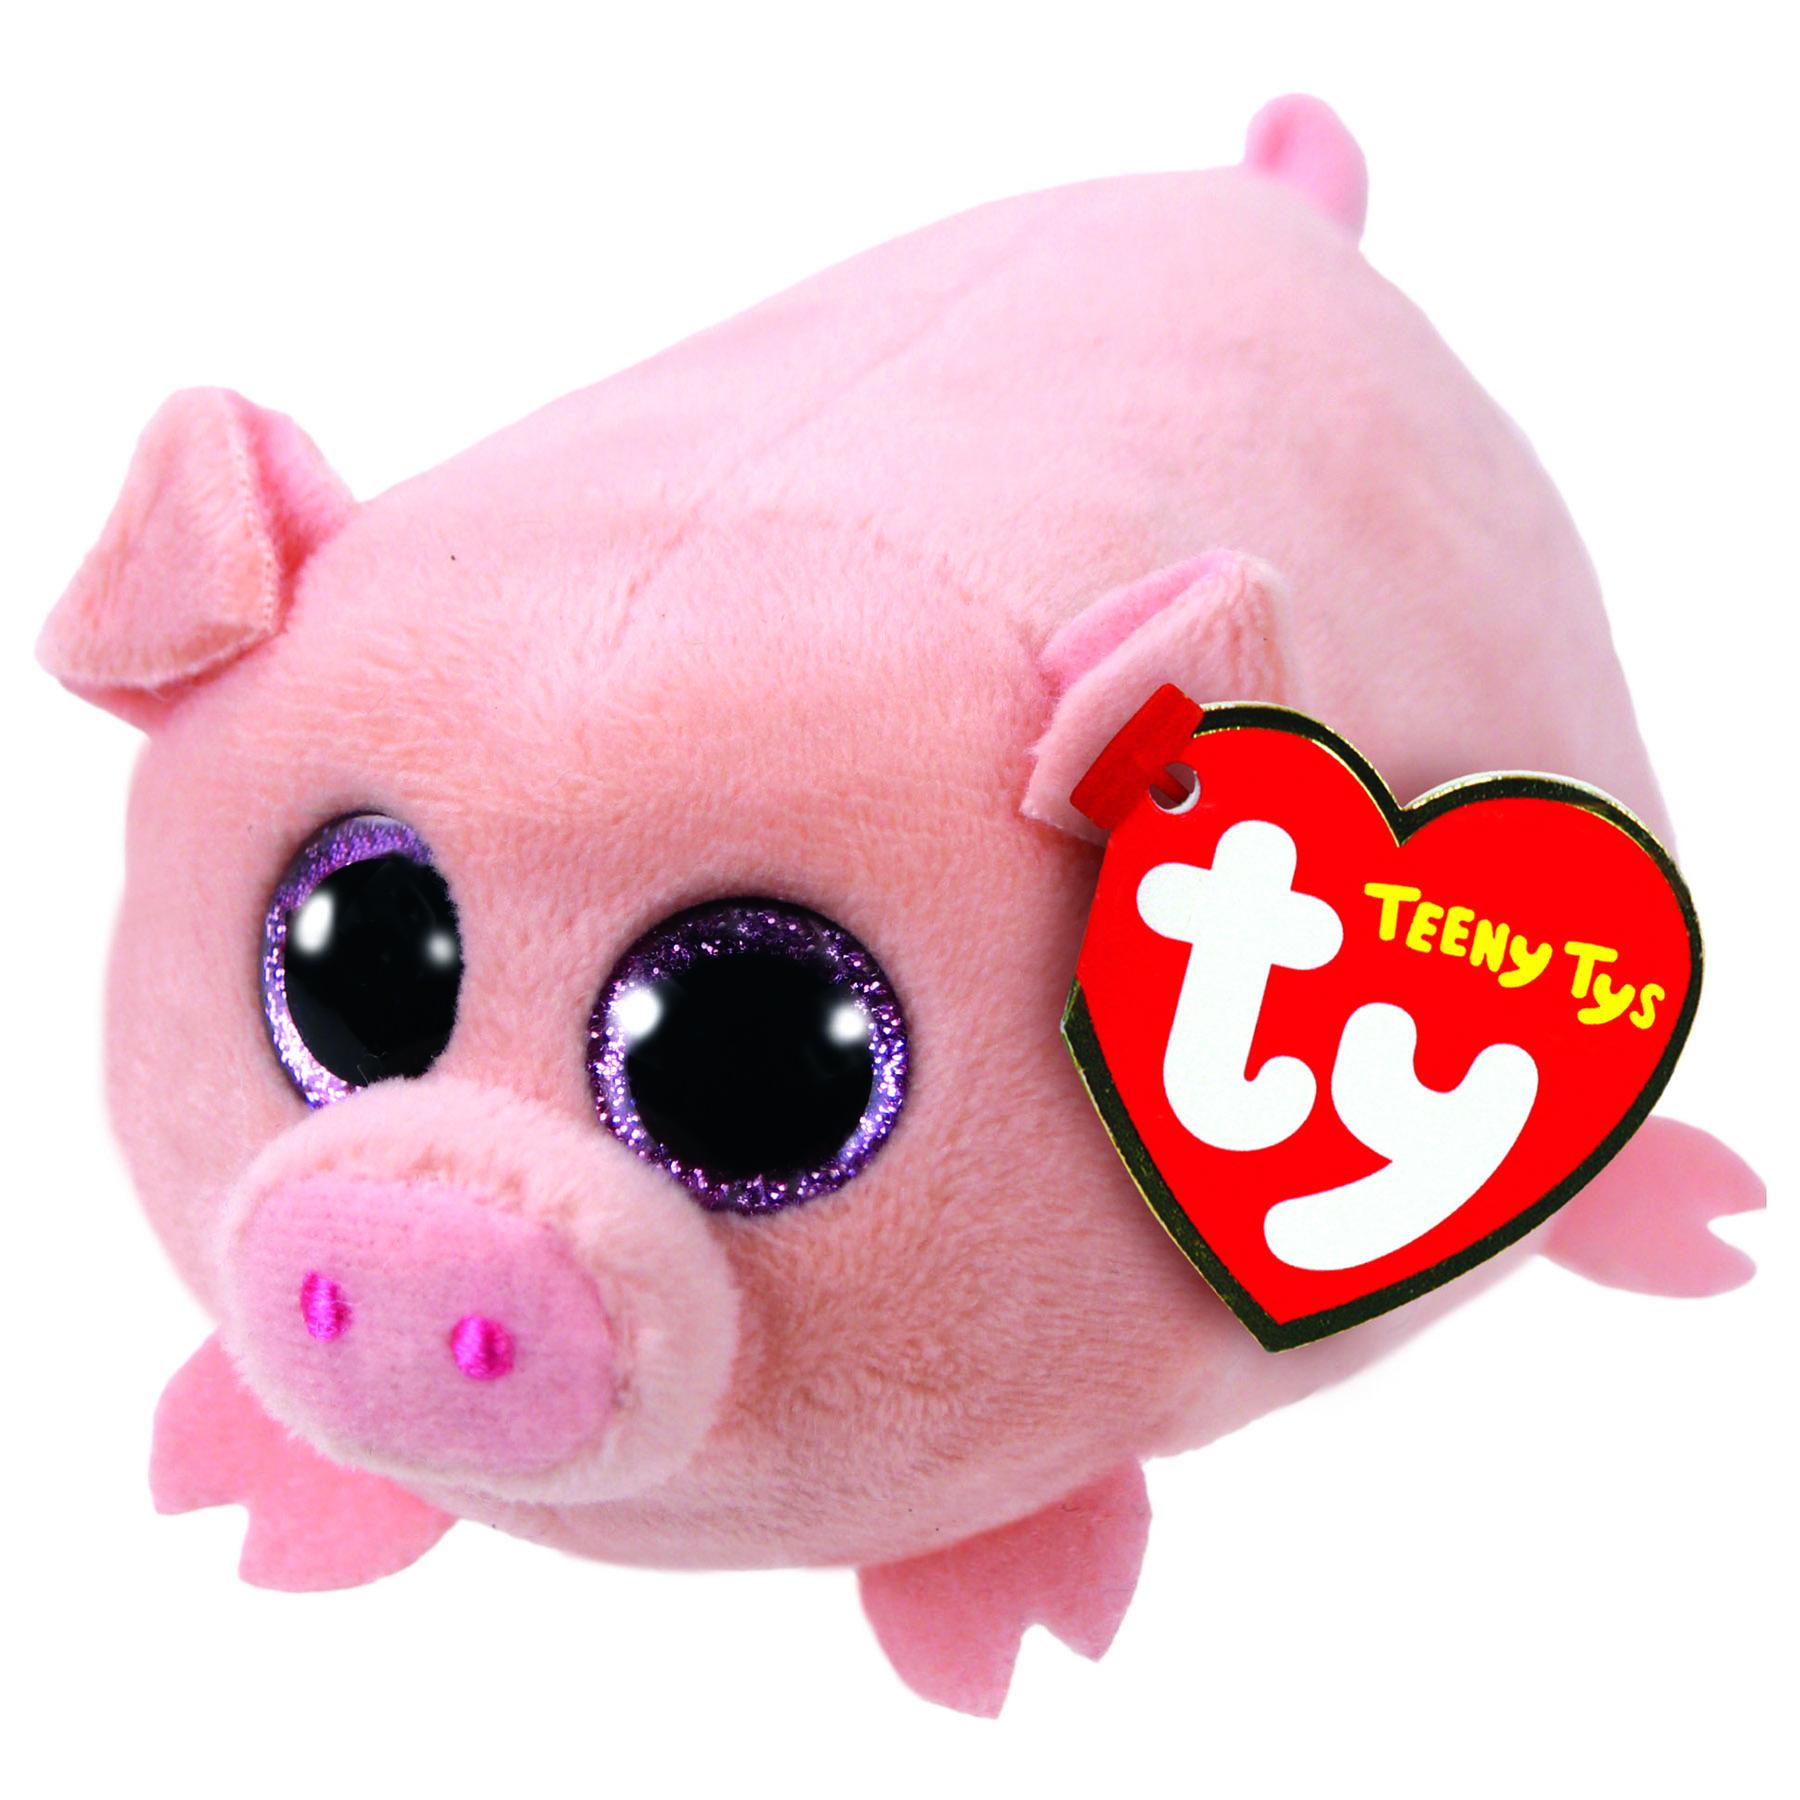 teeny-toys-red